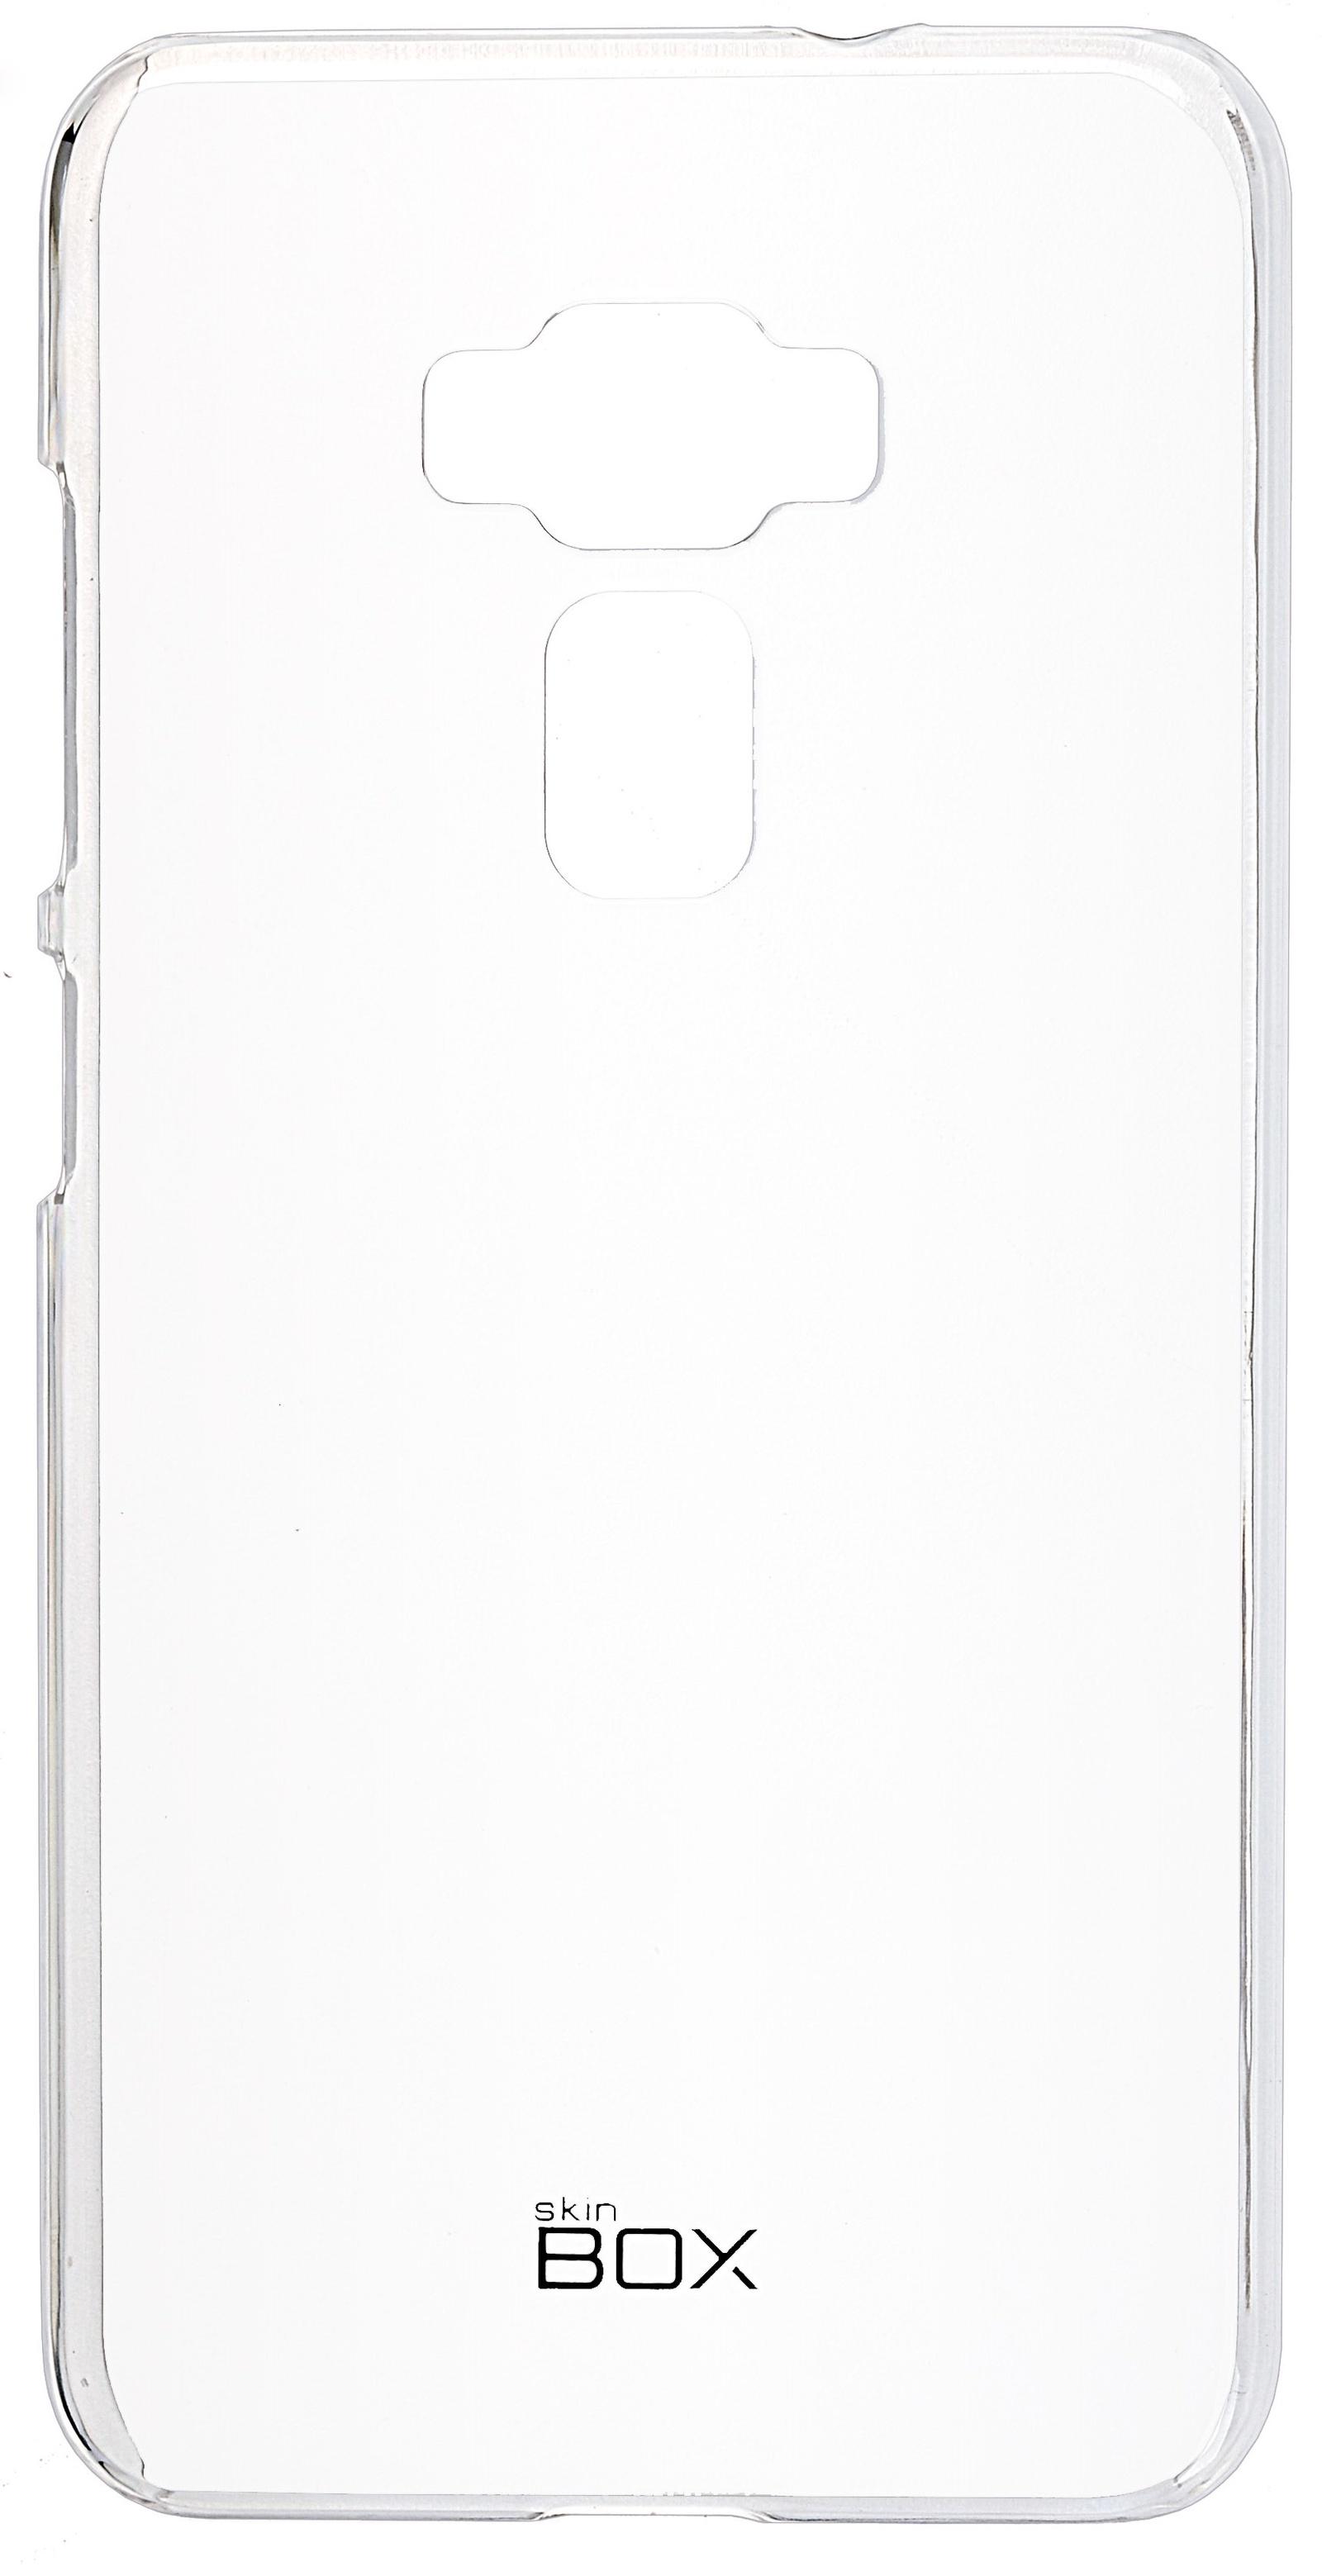 Чехол для сотового телефона skinBOX Crystal, 4630042528239, прозрачный чехол для сотового телефона skinbox crystal 4630042524613 прозрачный